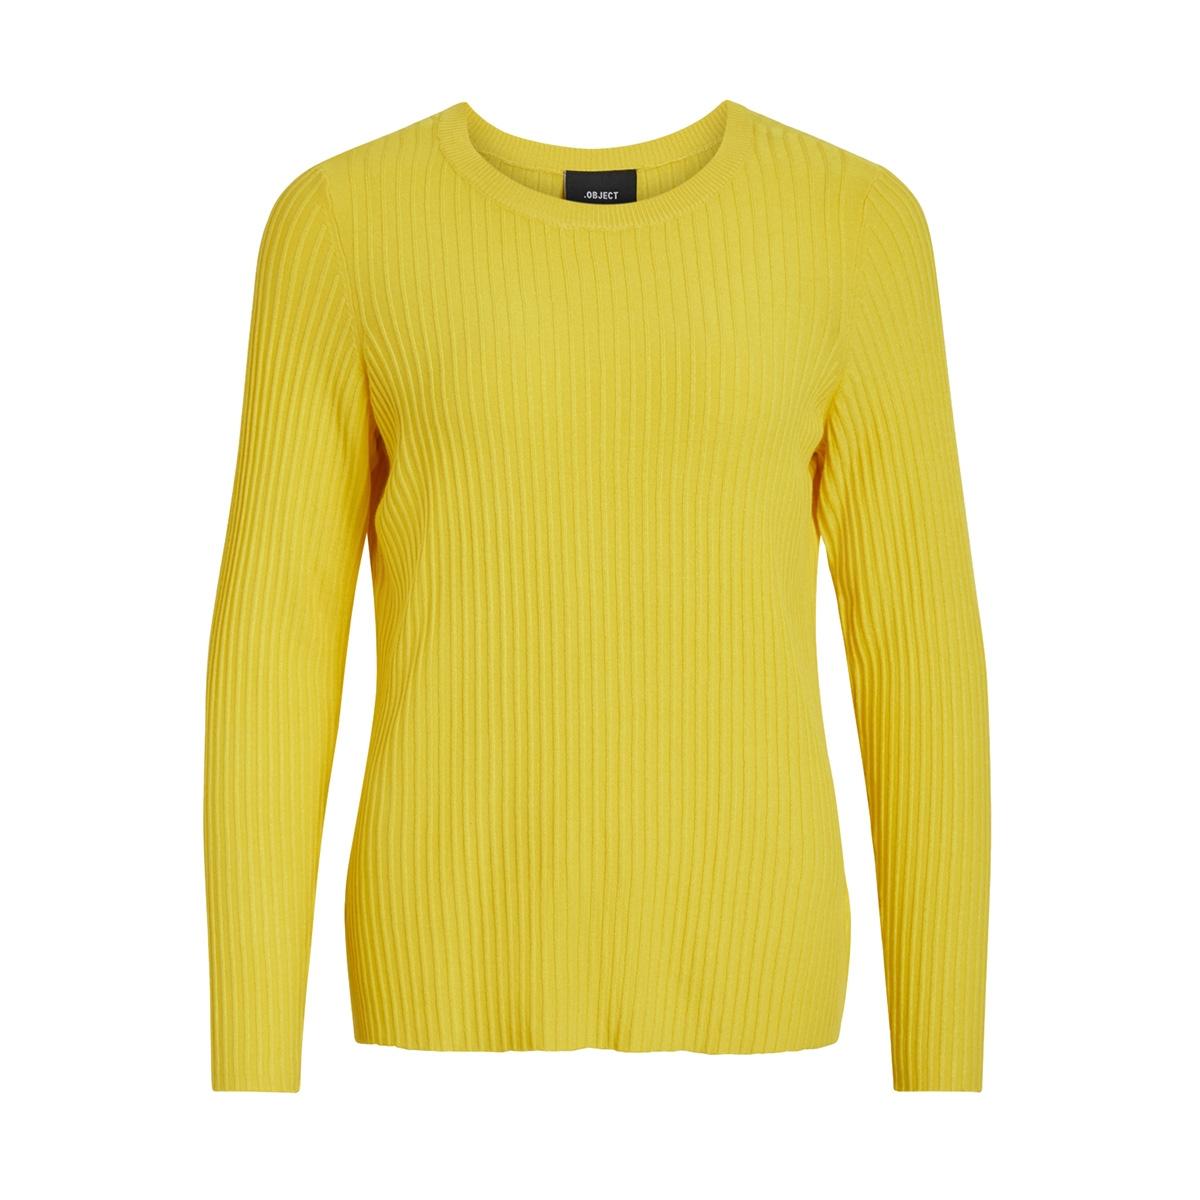 objfrida l/s knit pullover pb5 23029038 object trui maize